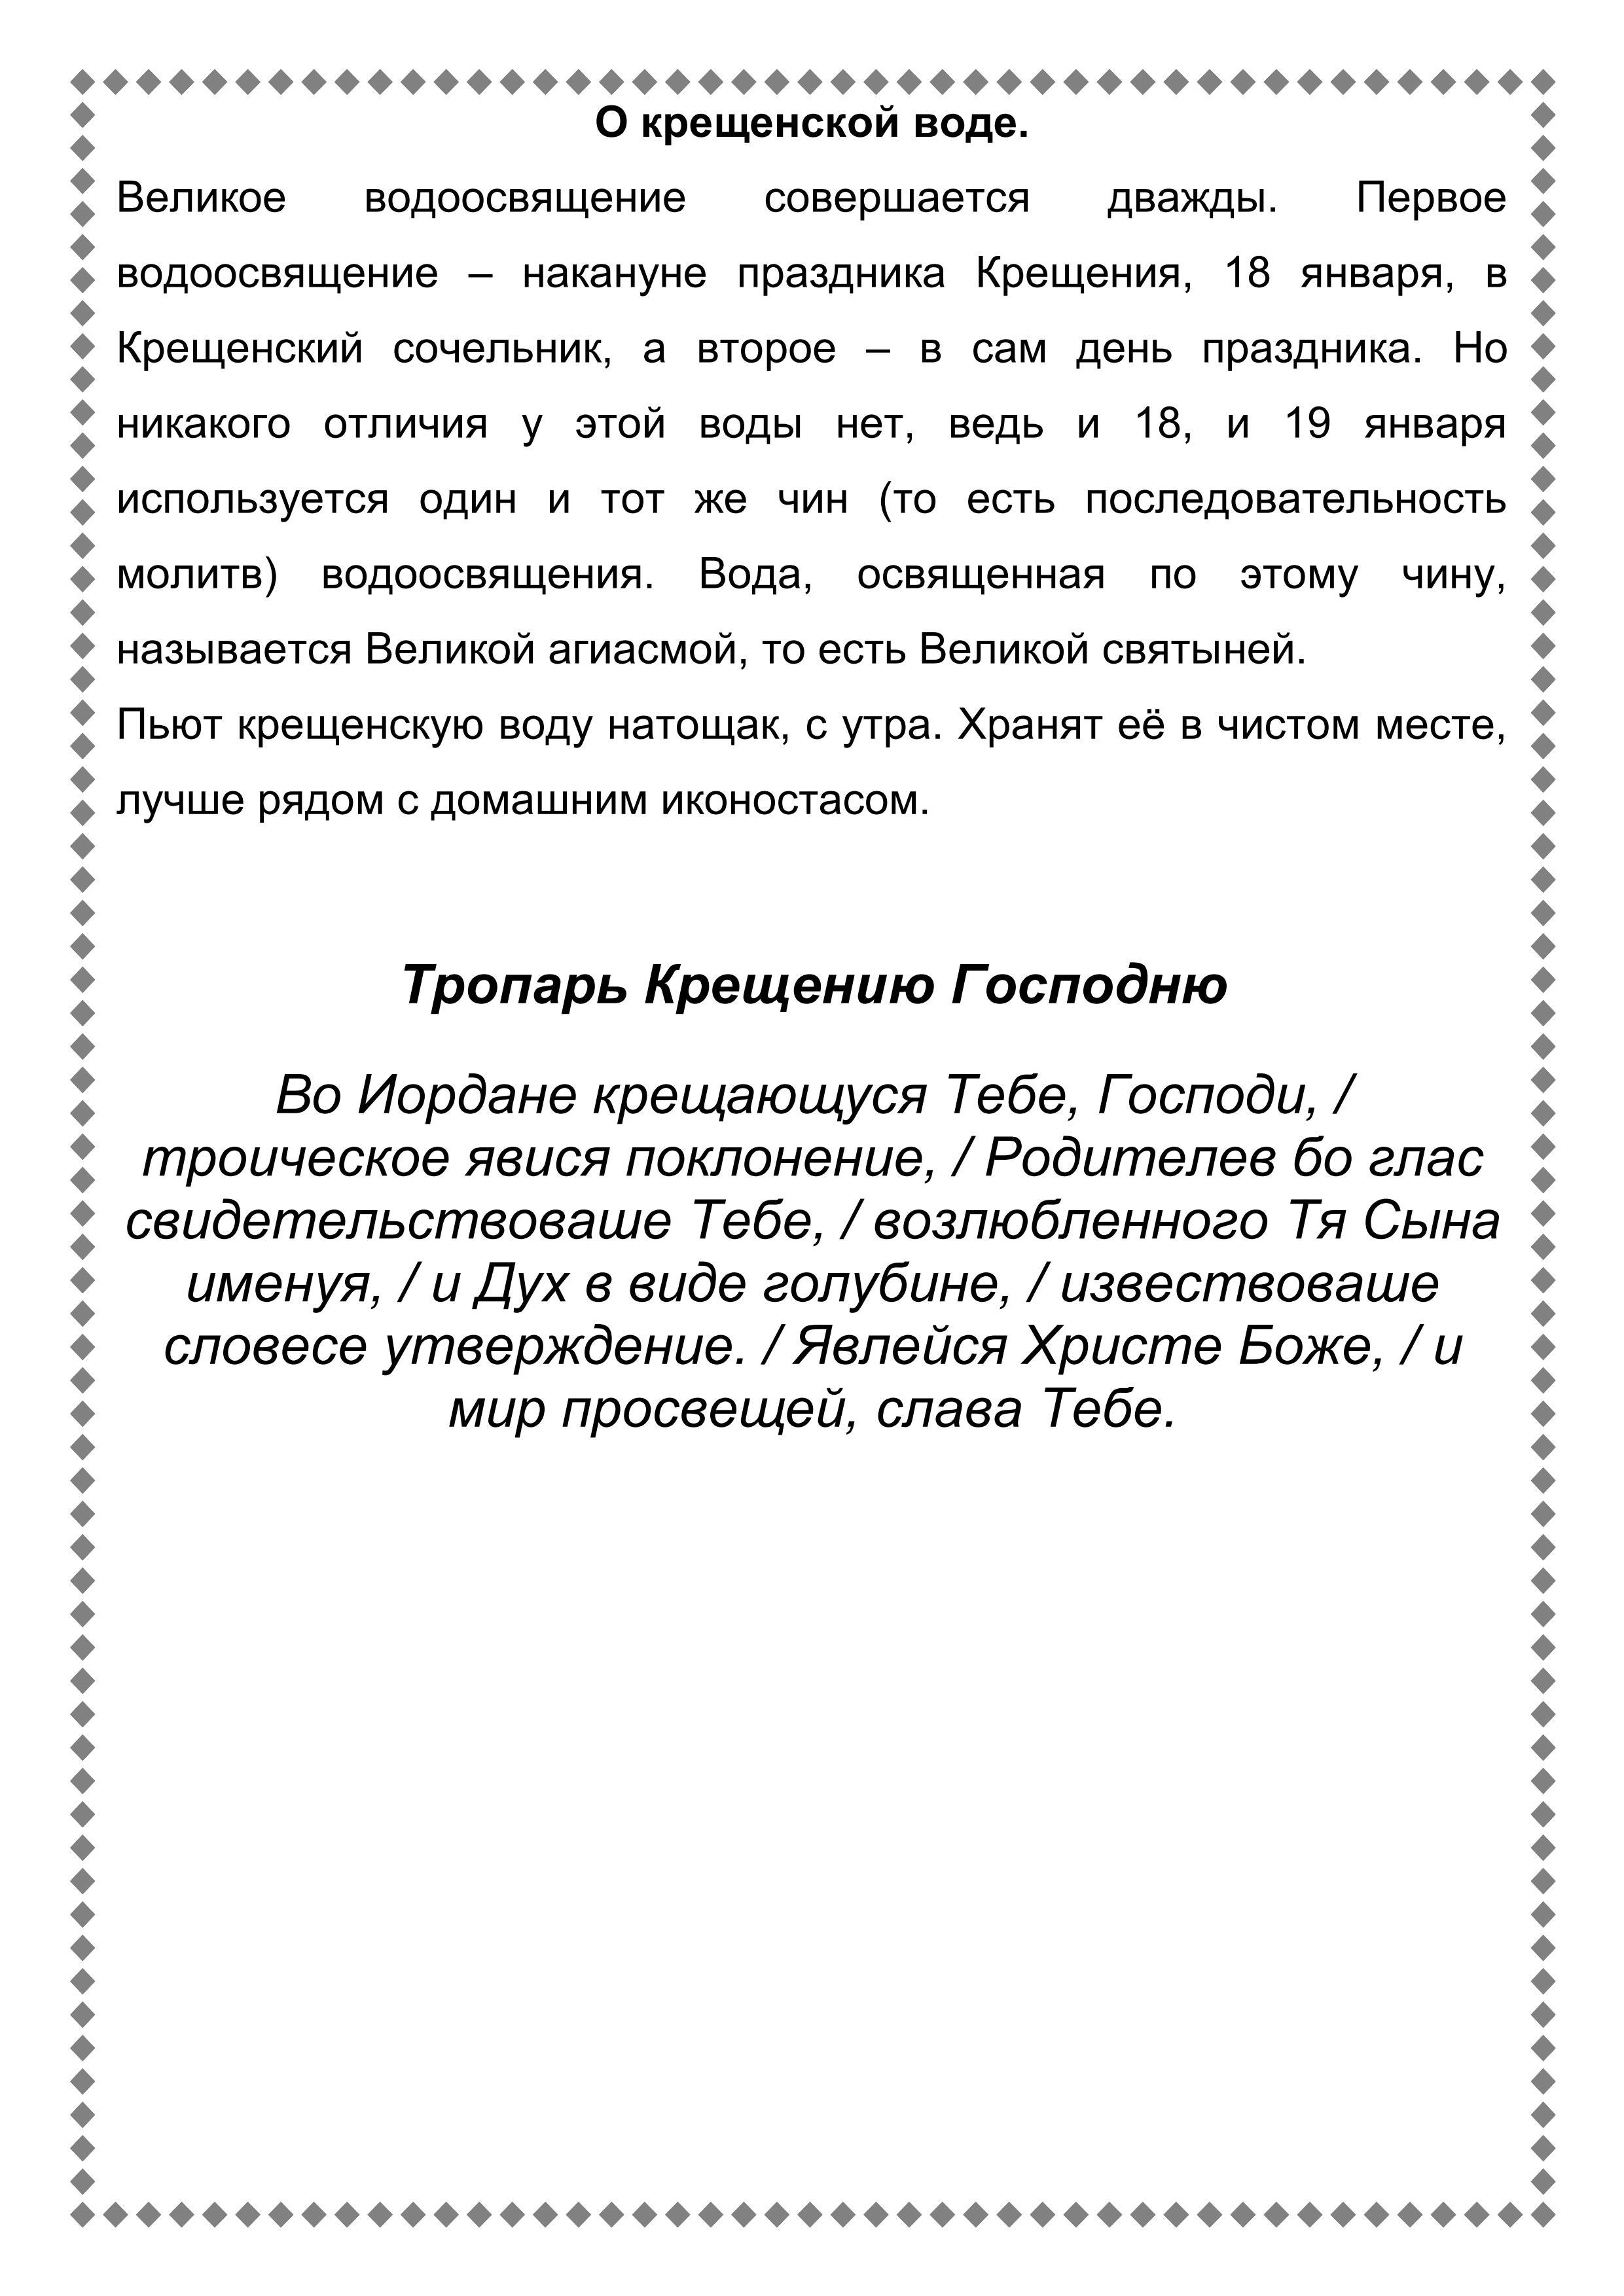 О празднике Богоявления_03